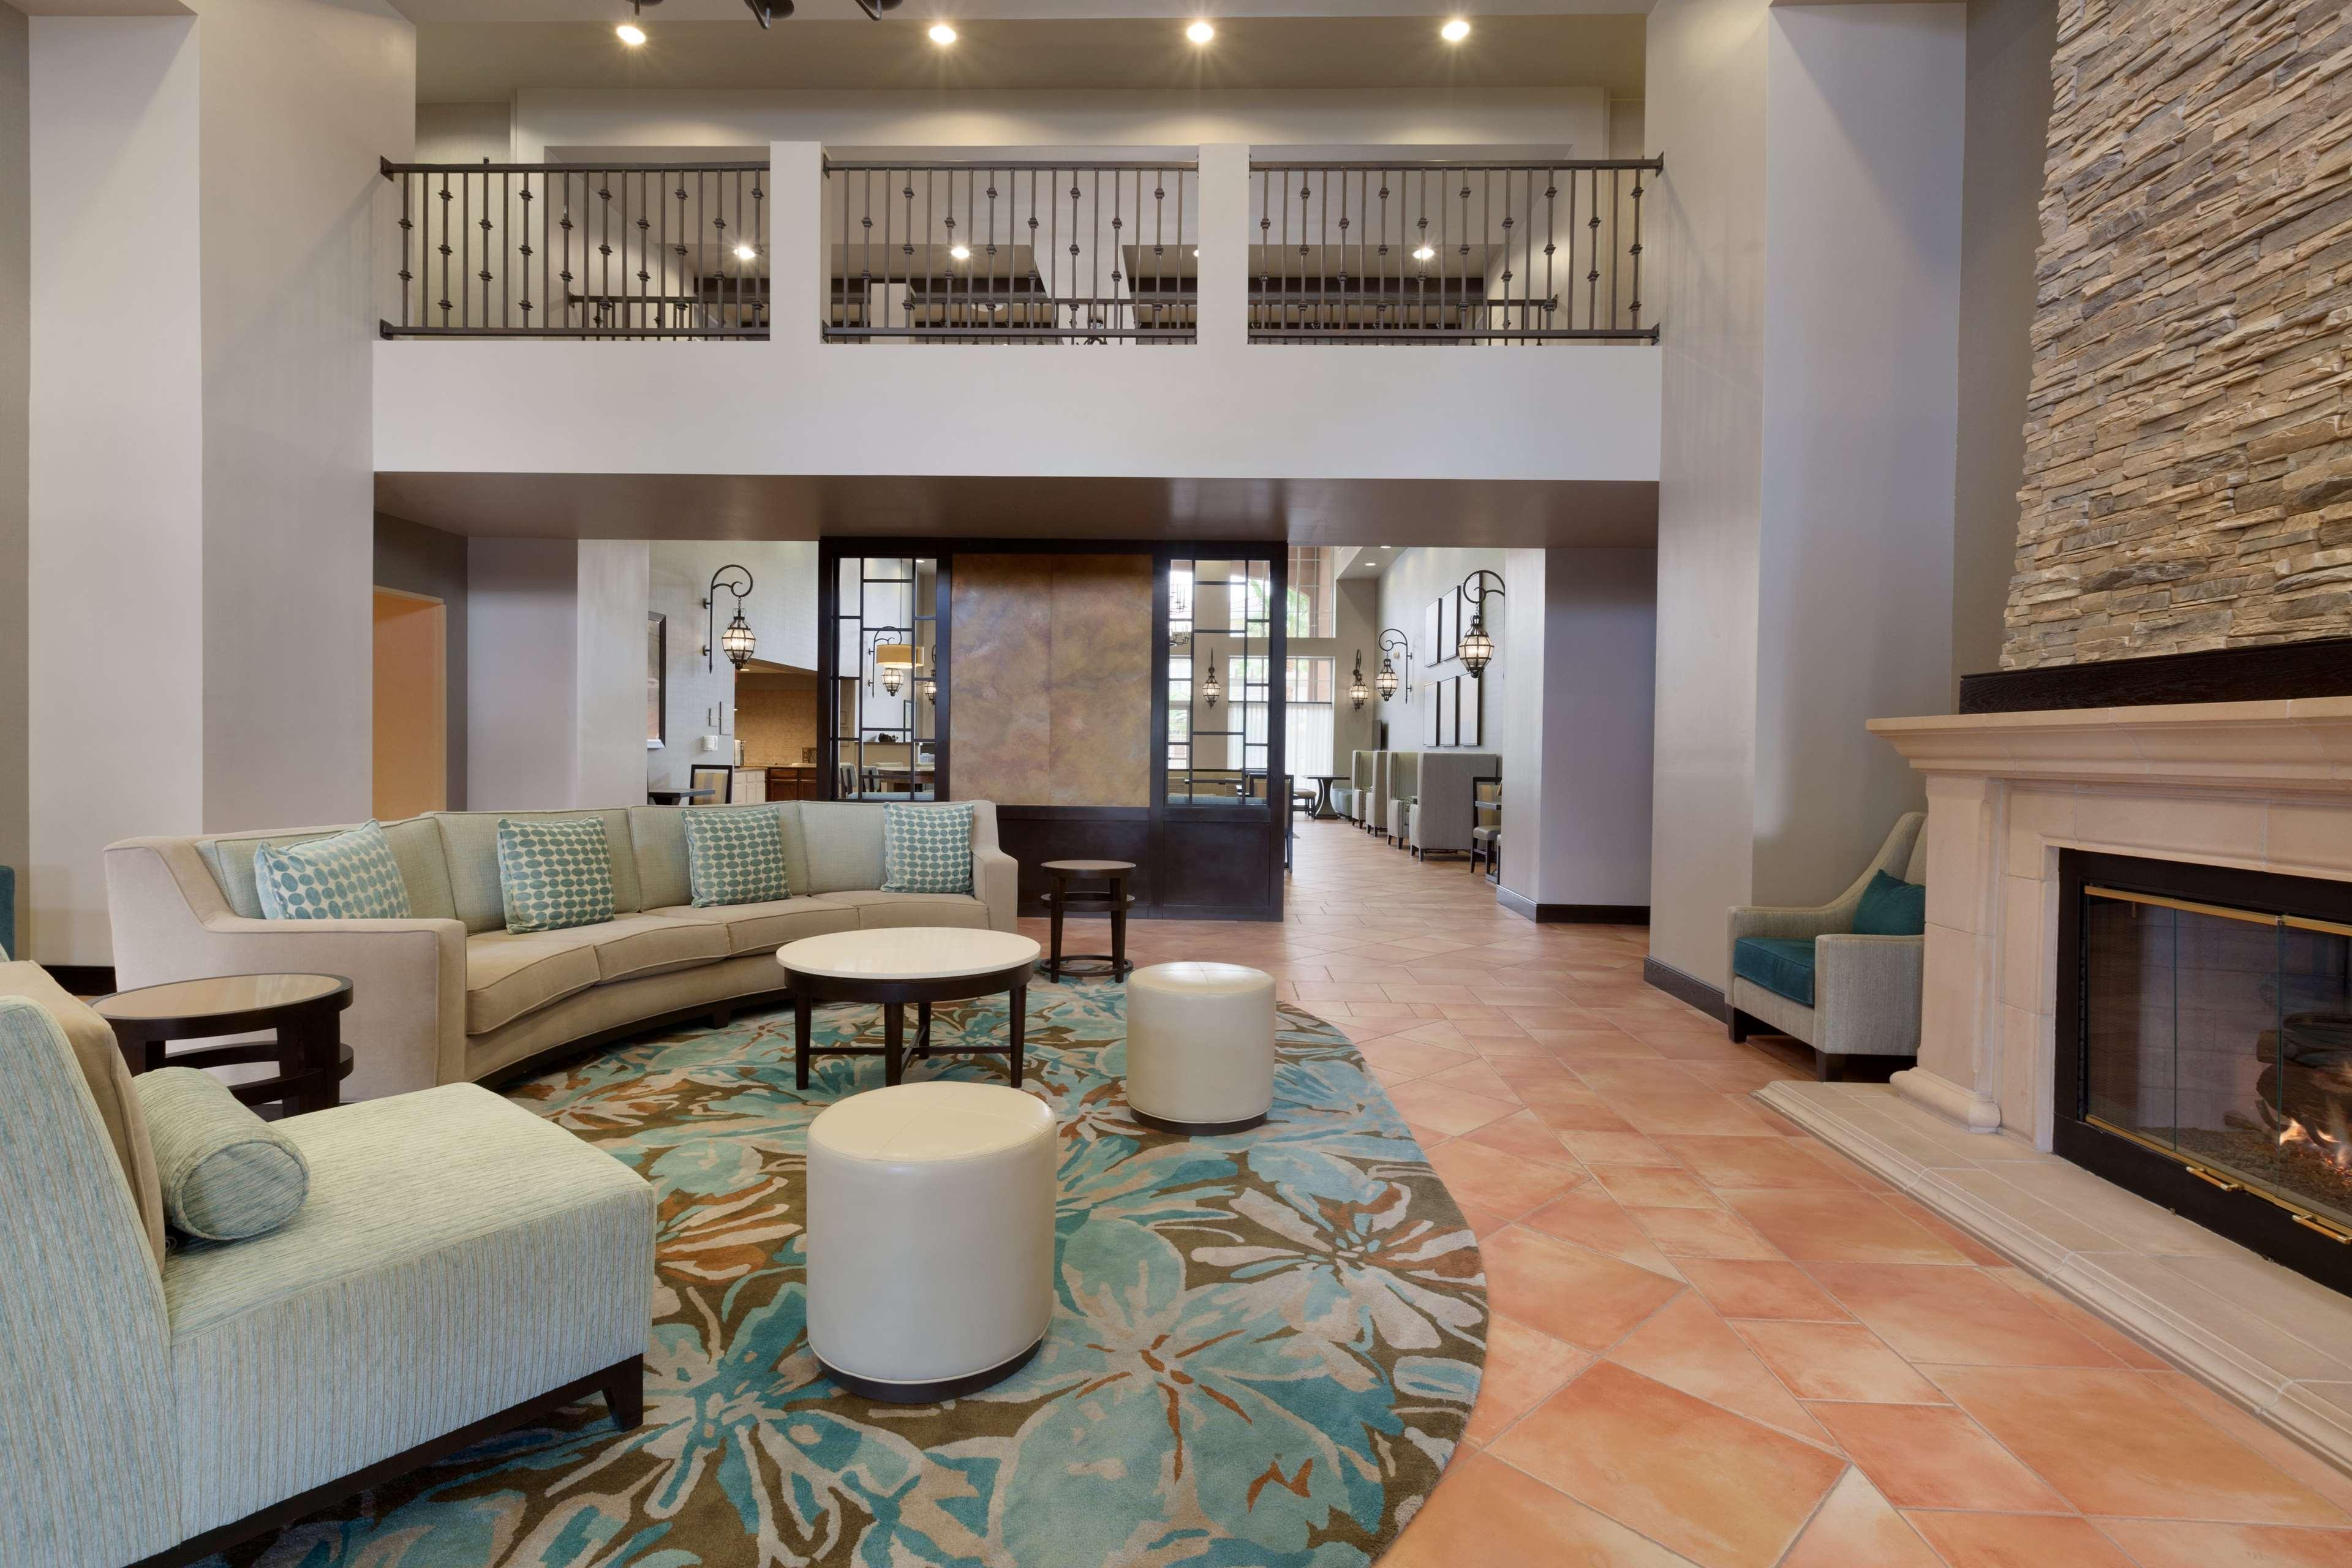 Homewood Suites by Hilton La Quinta image 7